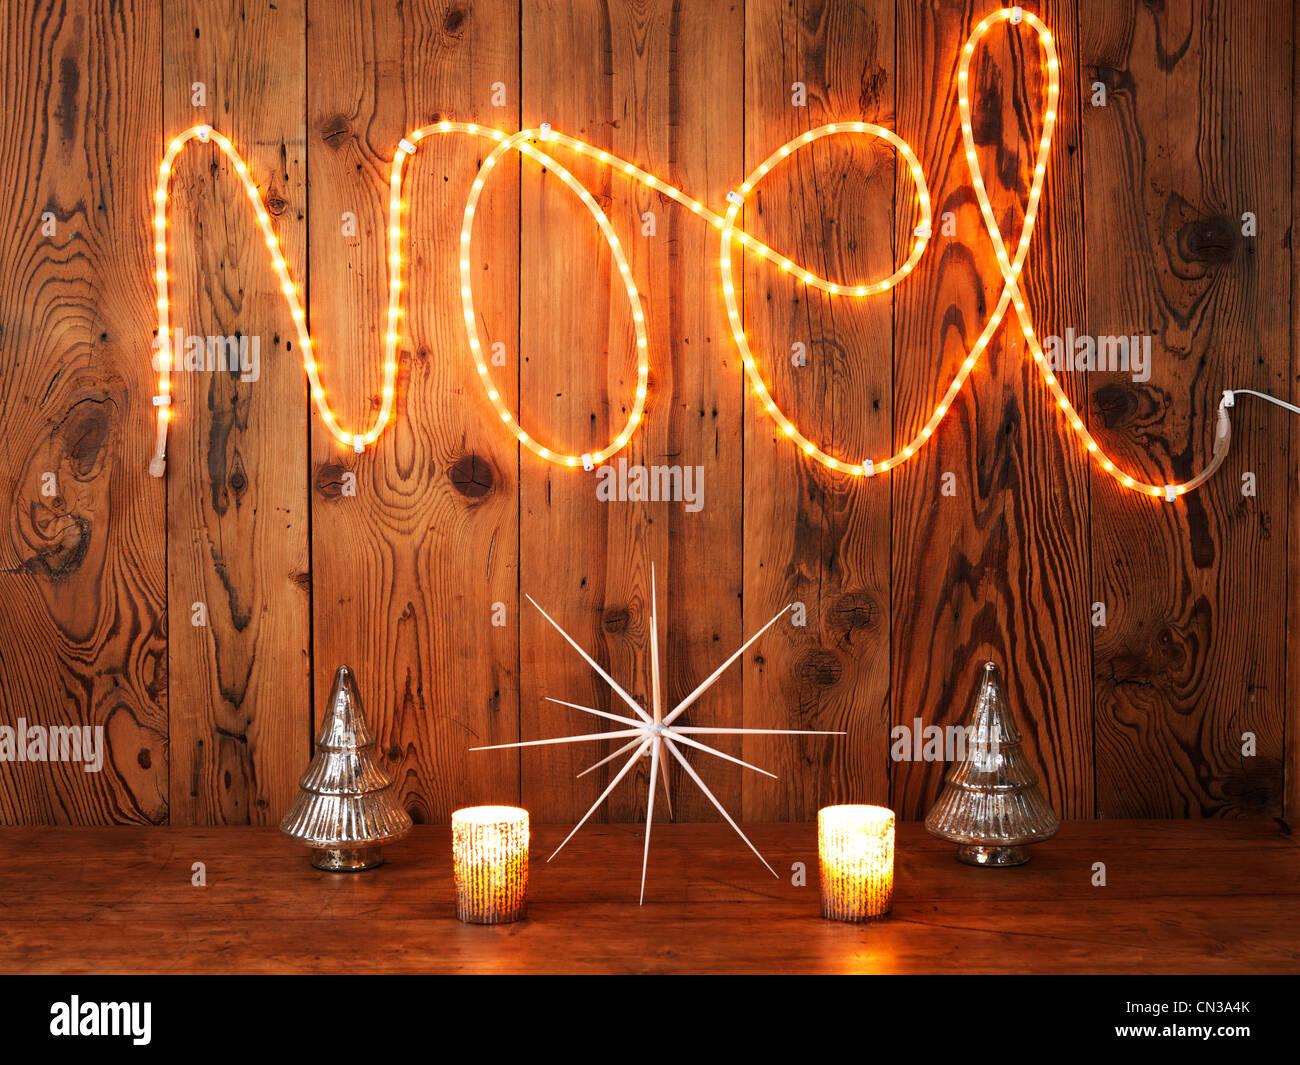 Les lumières de Noël l'orthographe Noel contre les boiseries Photo Stock